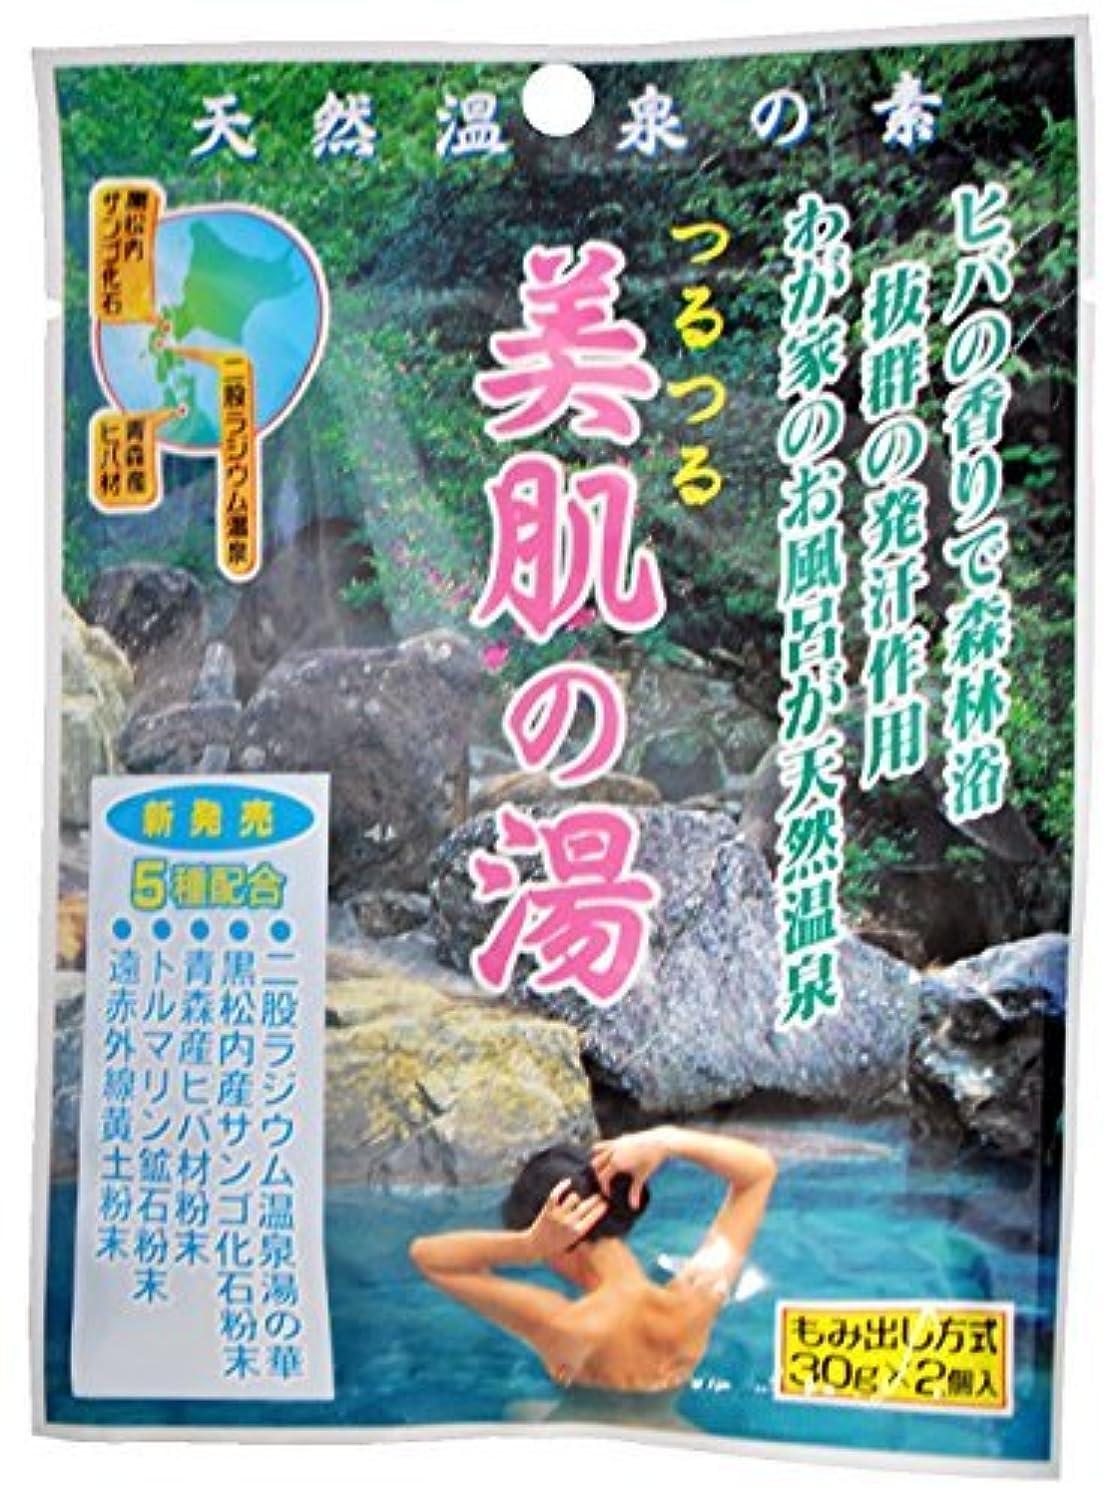 追う伸ばす義務づける【まとめ買い】天然成分入浴剤 つるつる 美肌の湯 2袋入 二股ラジウム温泉の湯の華 ×40個